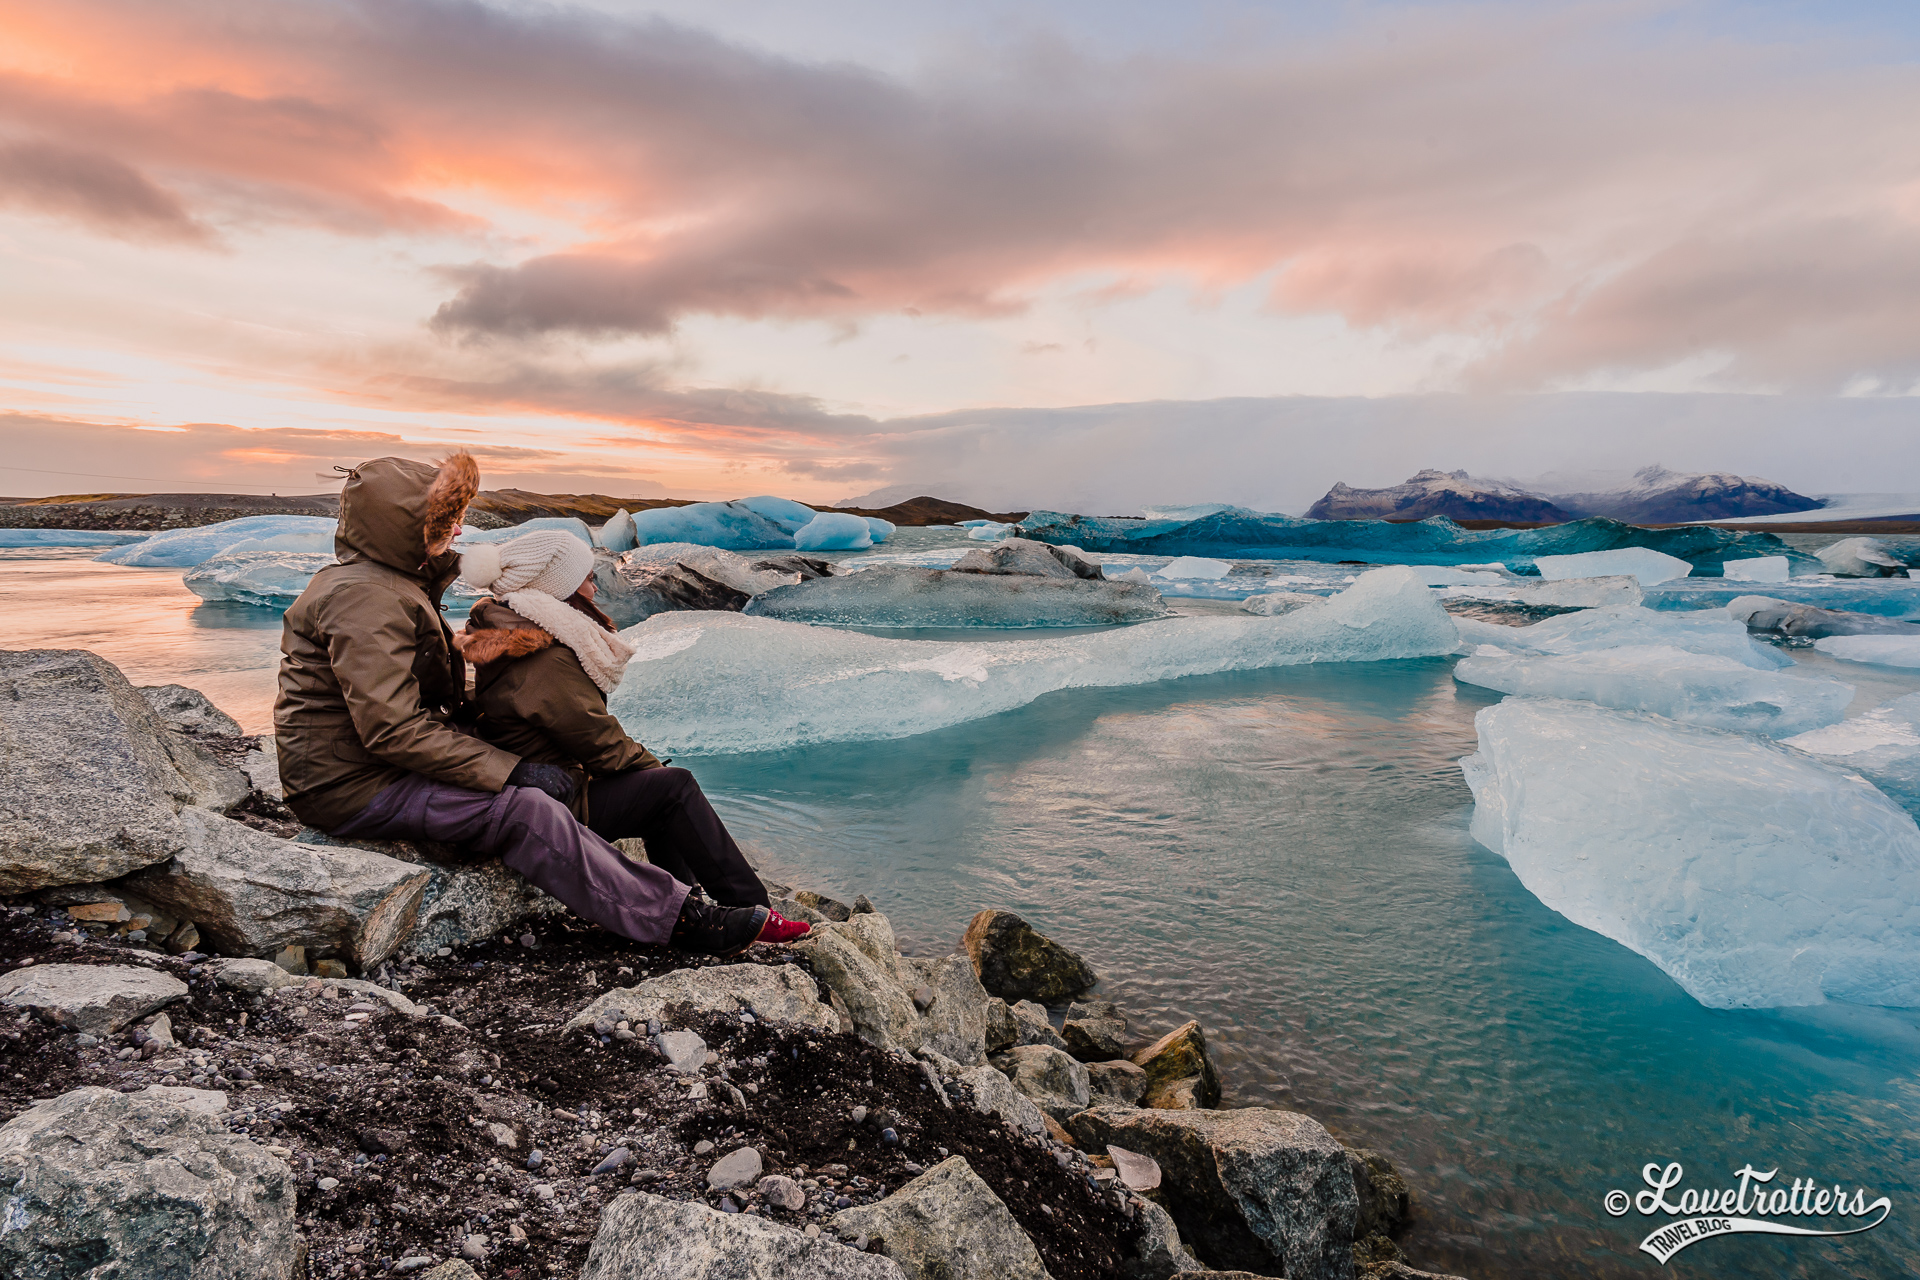 Vue sur le lagon Jokulsarlon en Islande l'hiver